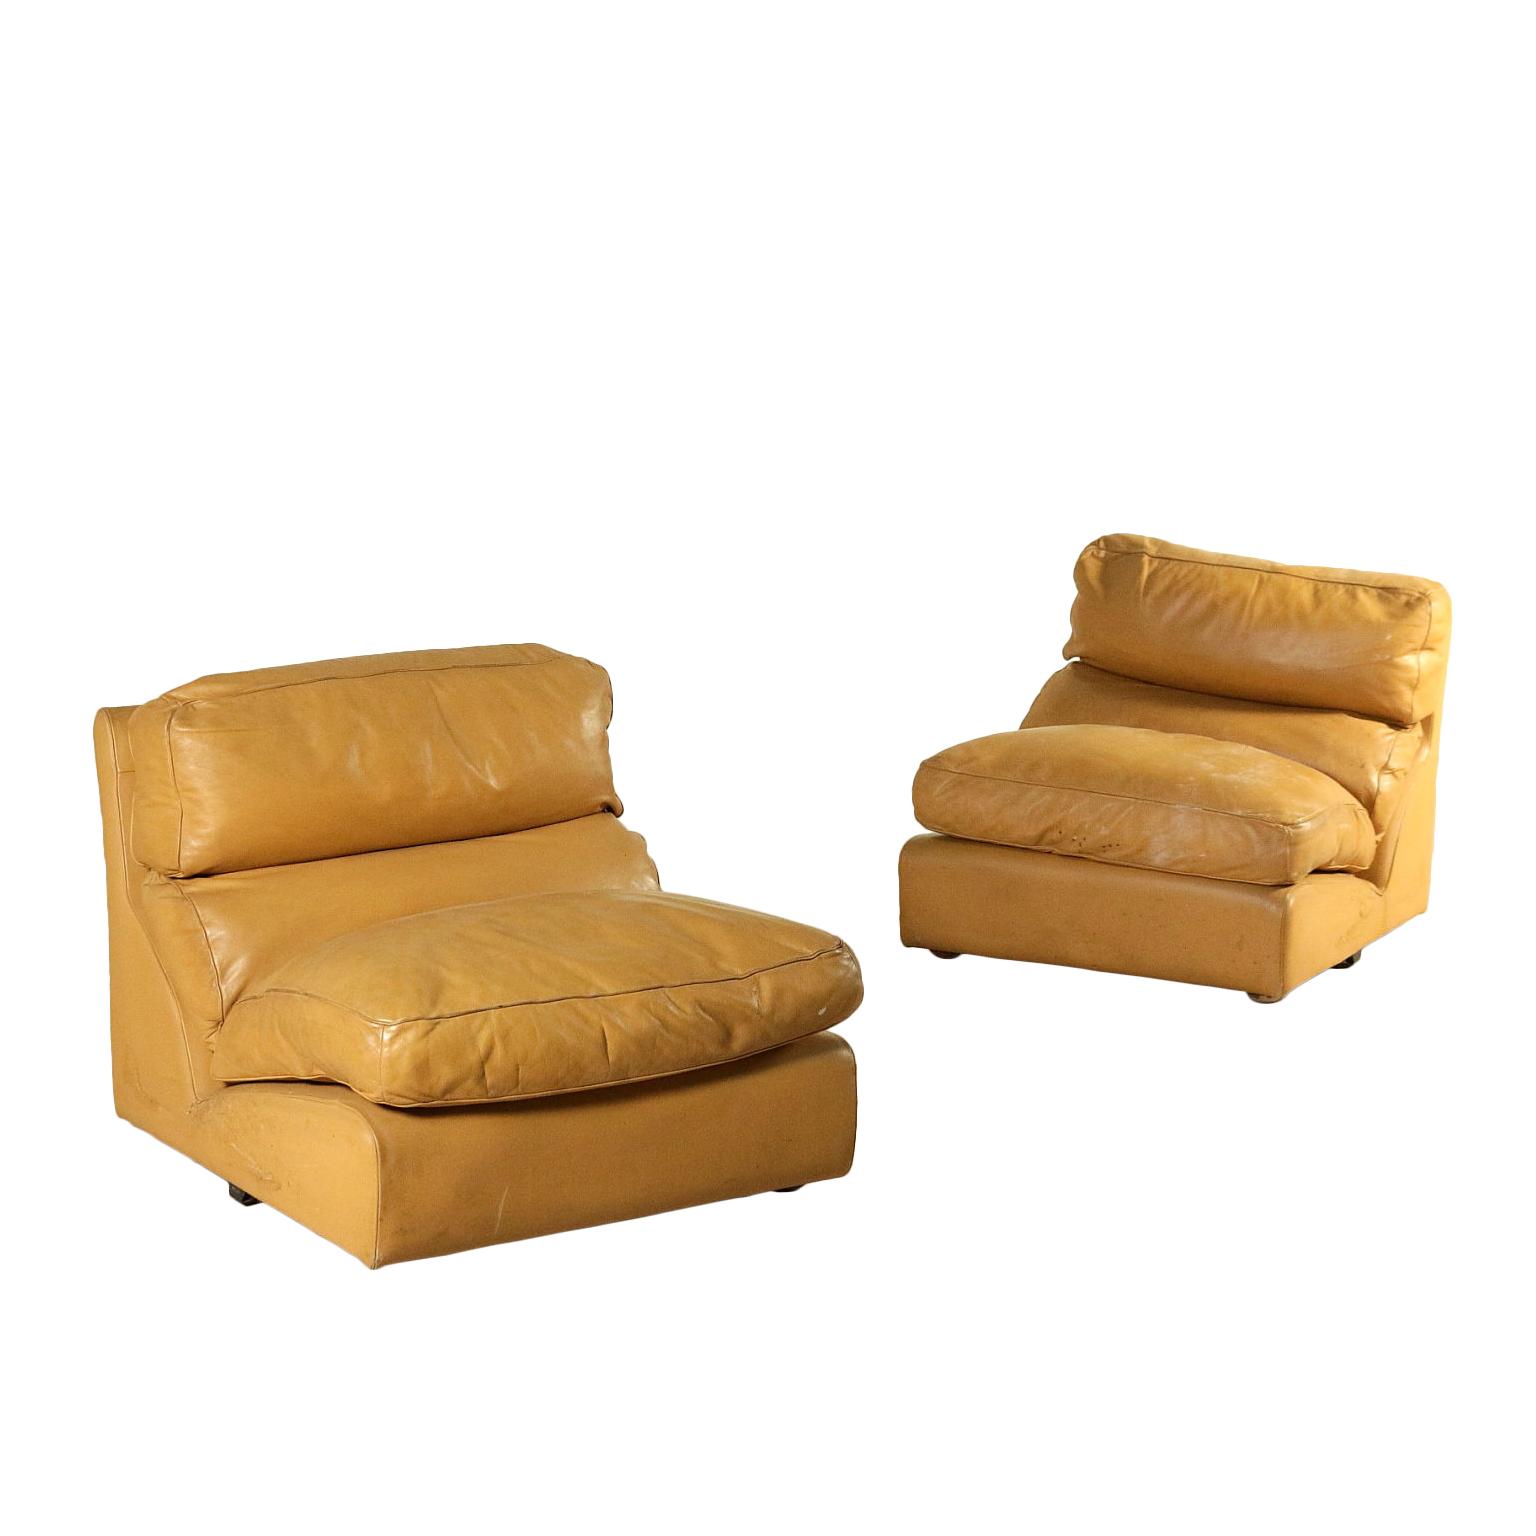 poltrona frau fotele nowoczesny design. Black Bedroom Furniture Sets. Home Design Ideas